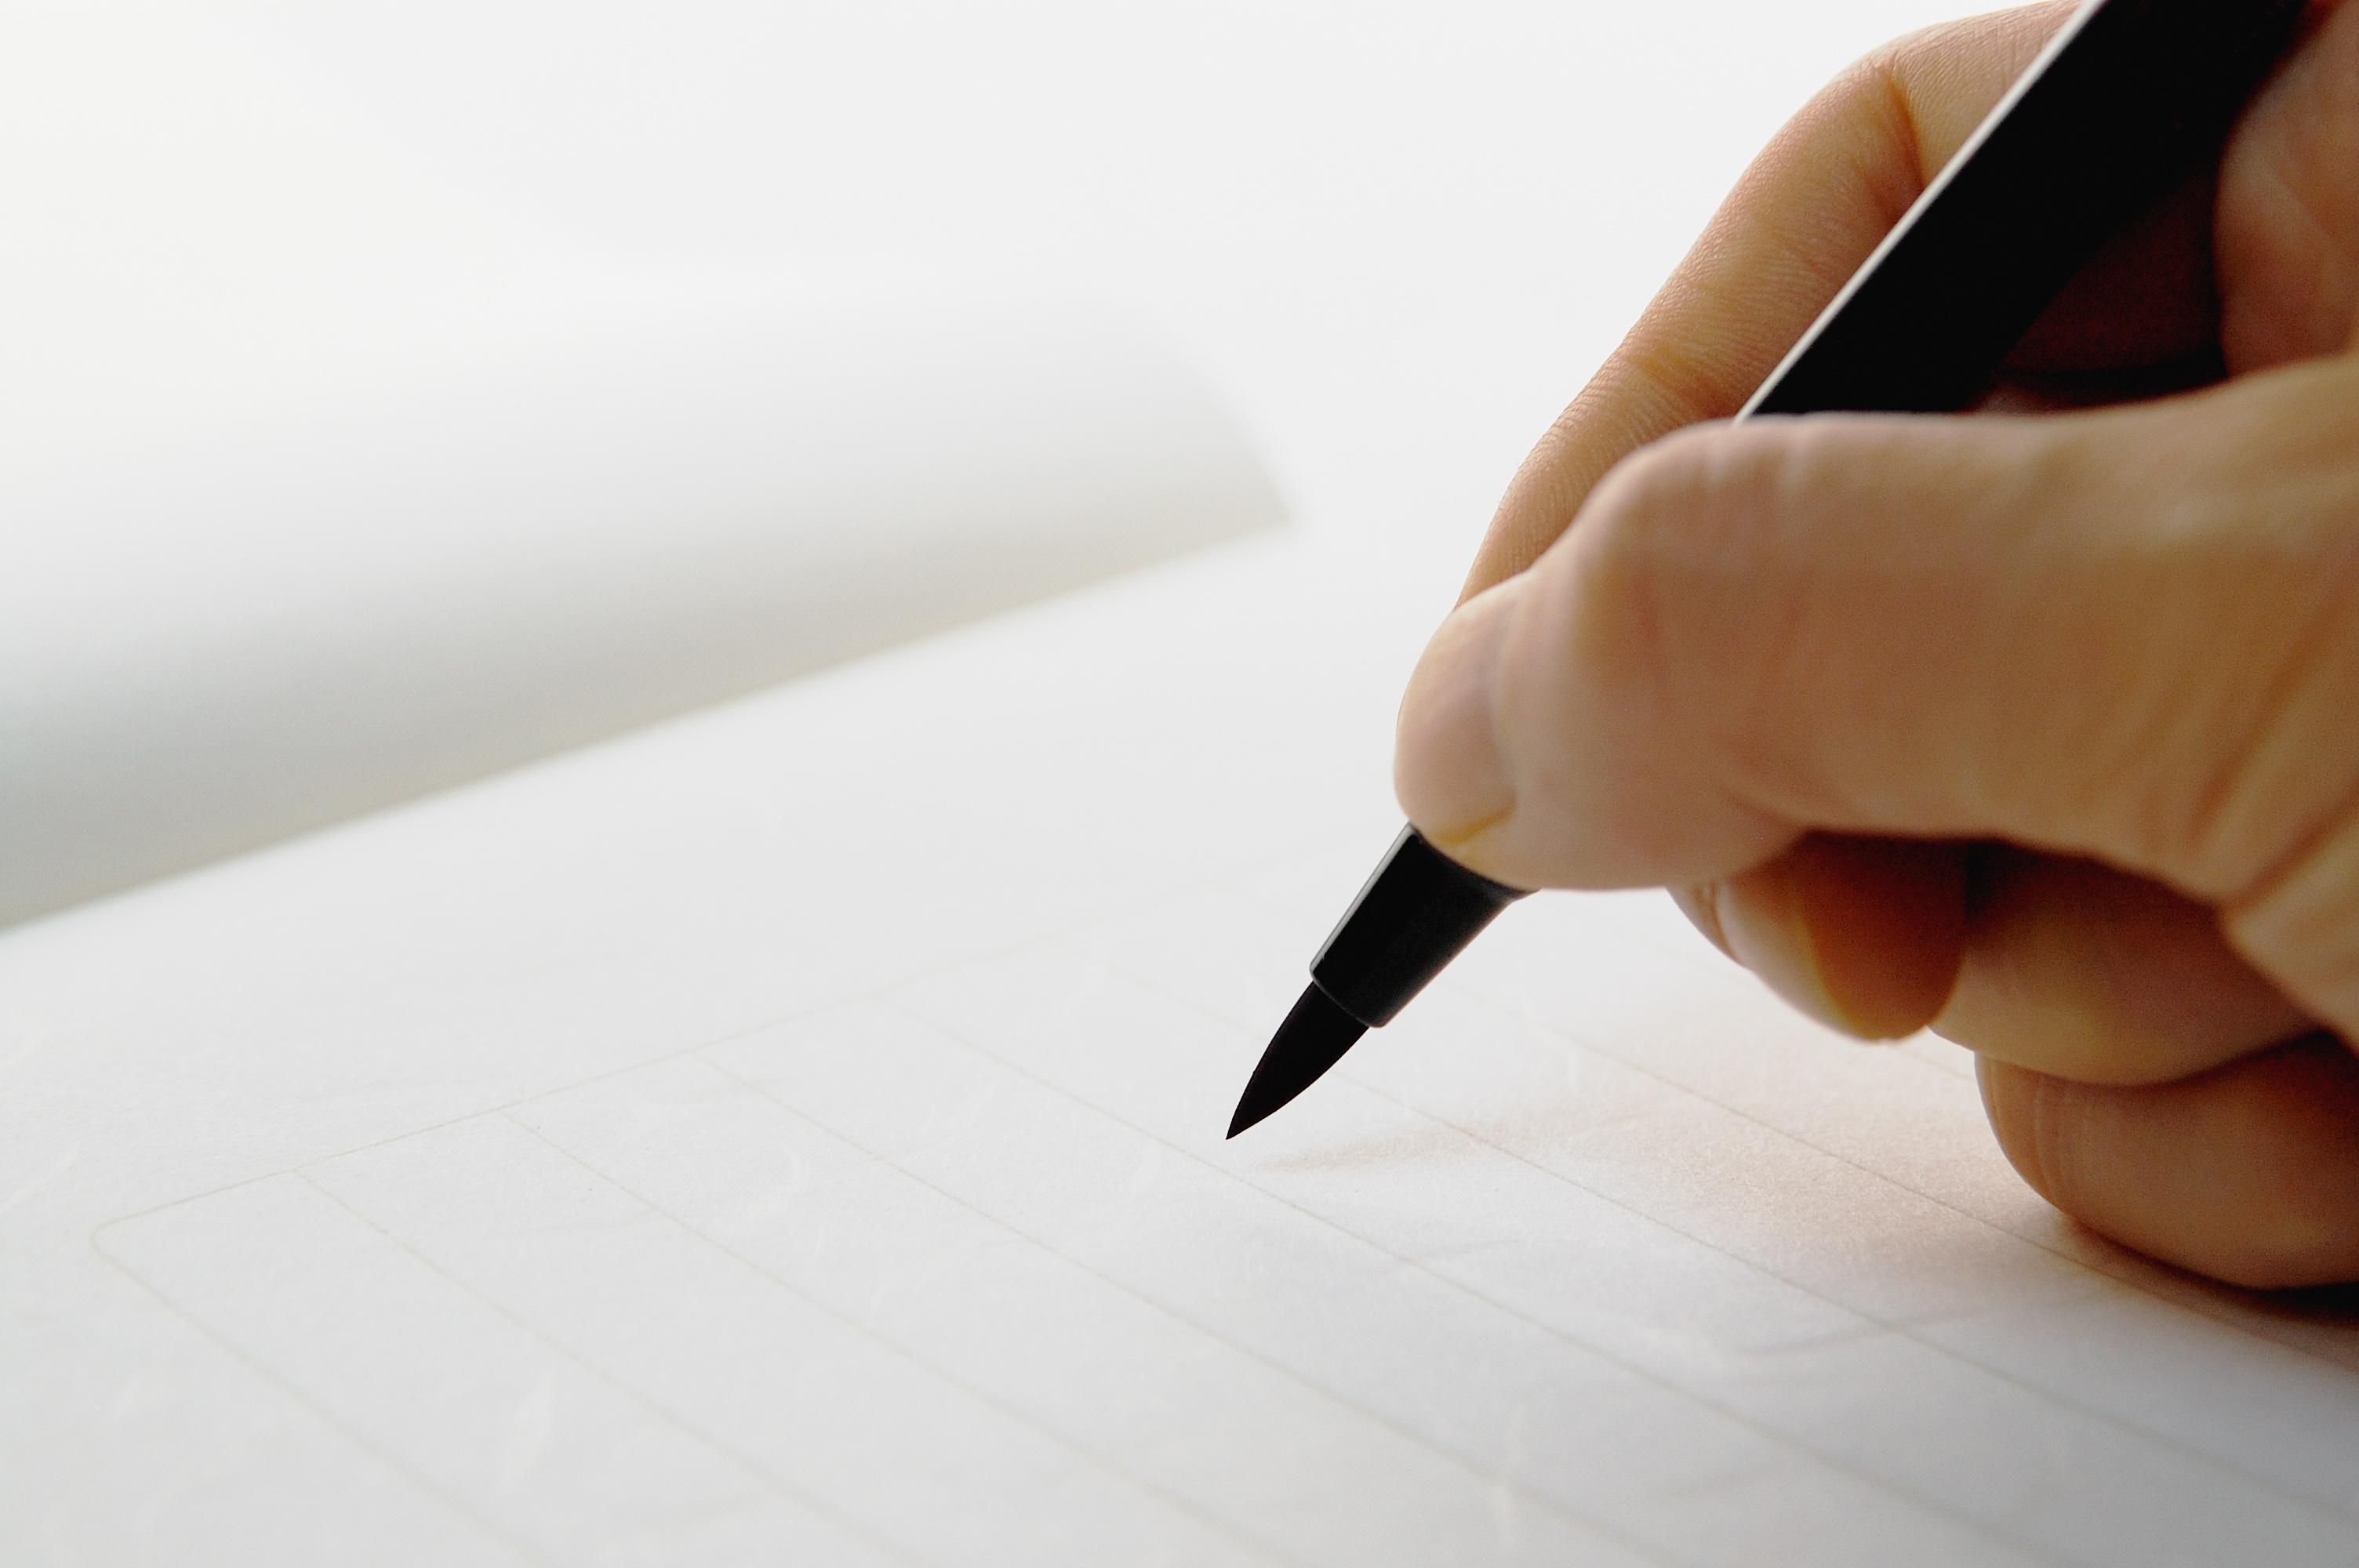 お悔やみの手紙を出すときの正しいマナーや注意点を徹底解説のサムネイル画像